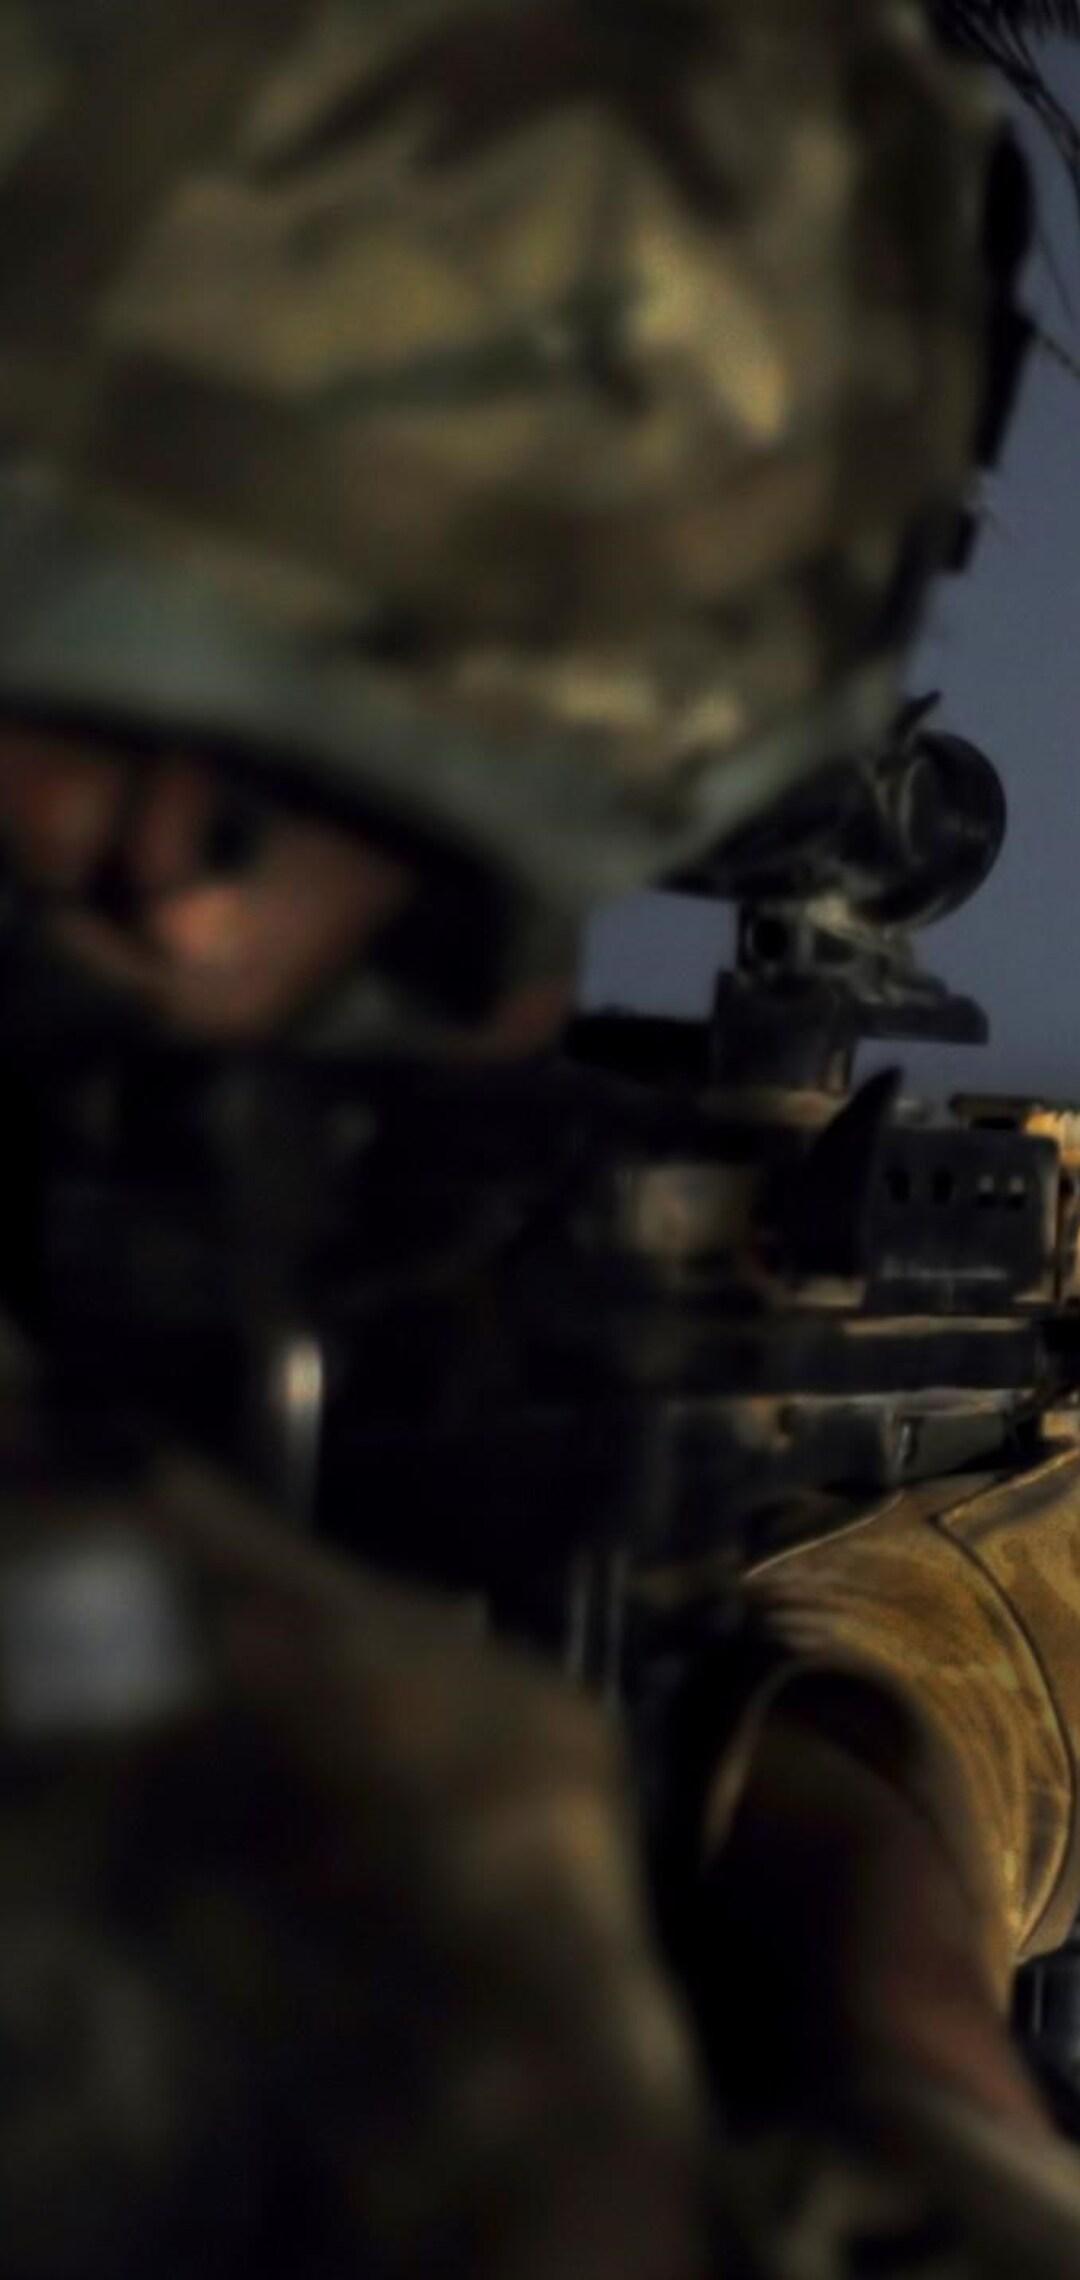 military-soldier-4k.jpg